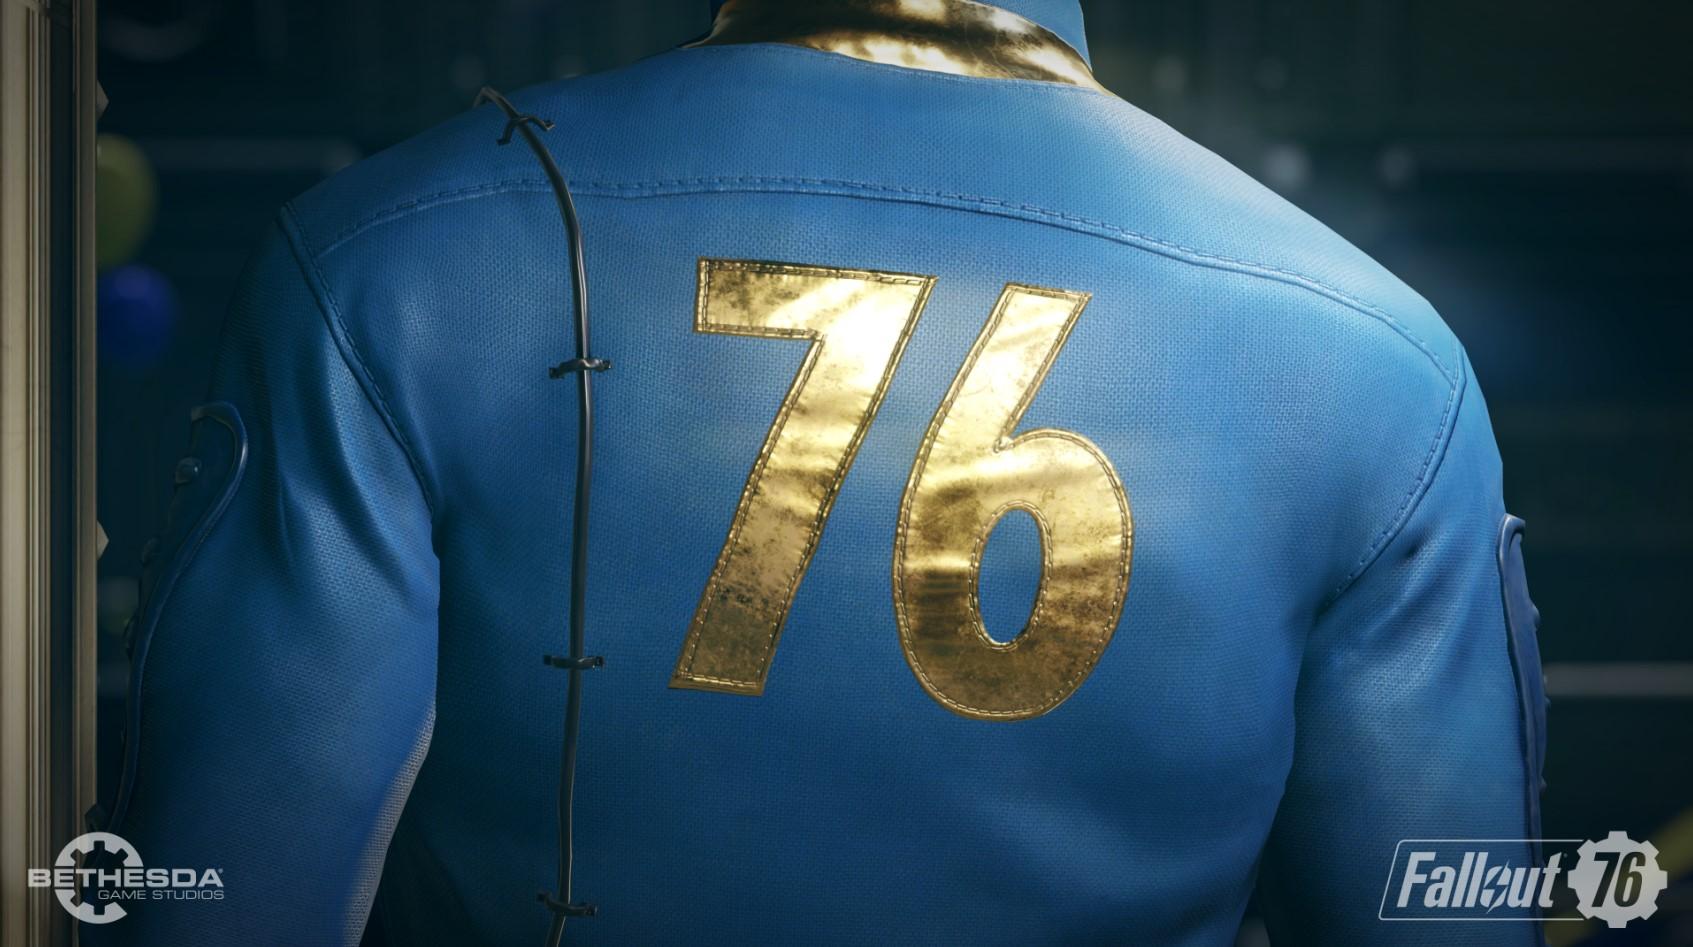 澳洲消费者协会裁定:当地零售商给玩家的《辐射76》退款